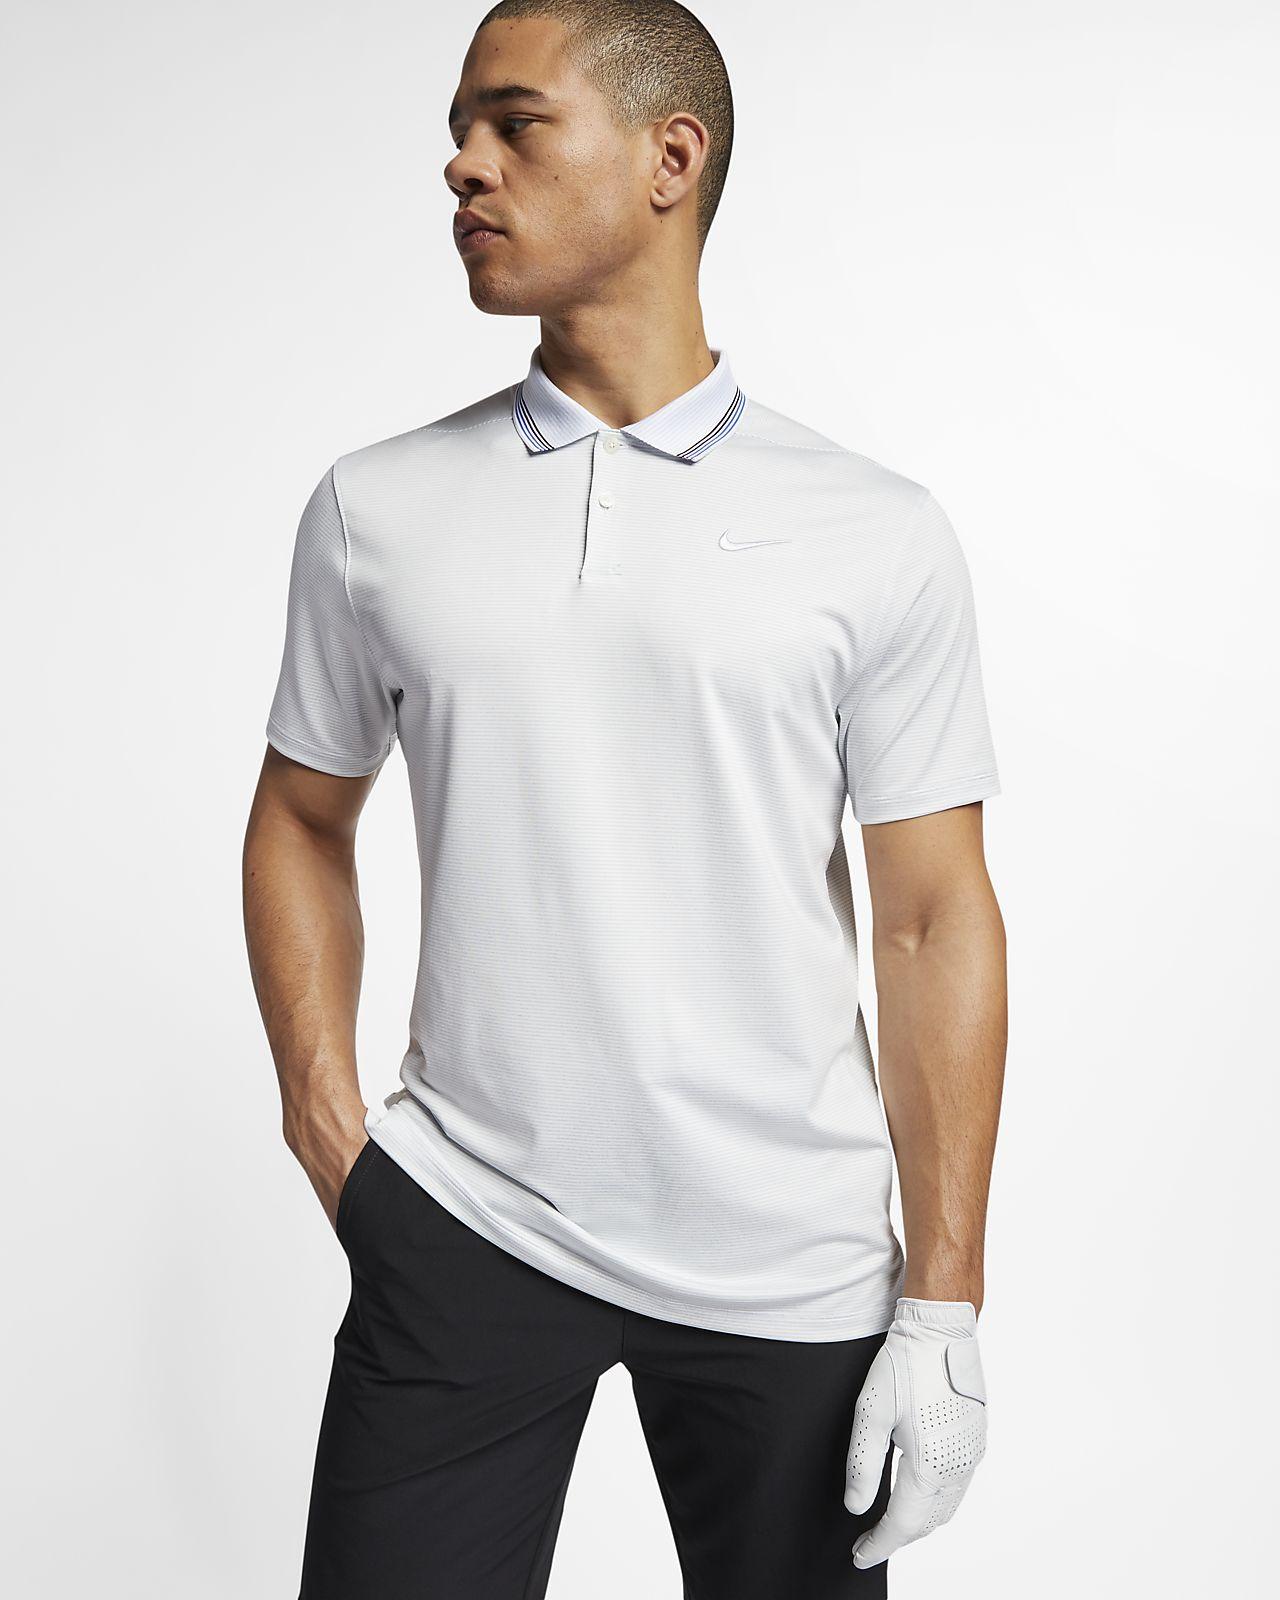 Polo de golfe Nike Dri-FIT Vapor para homem